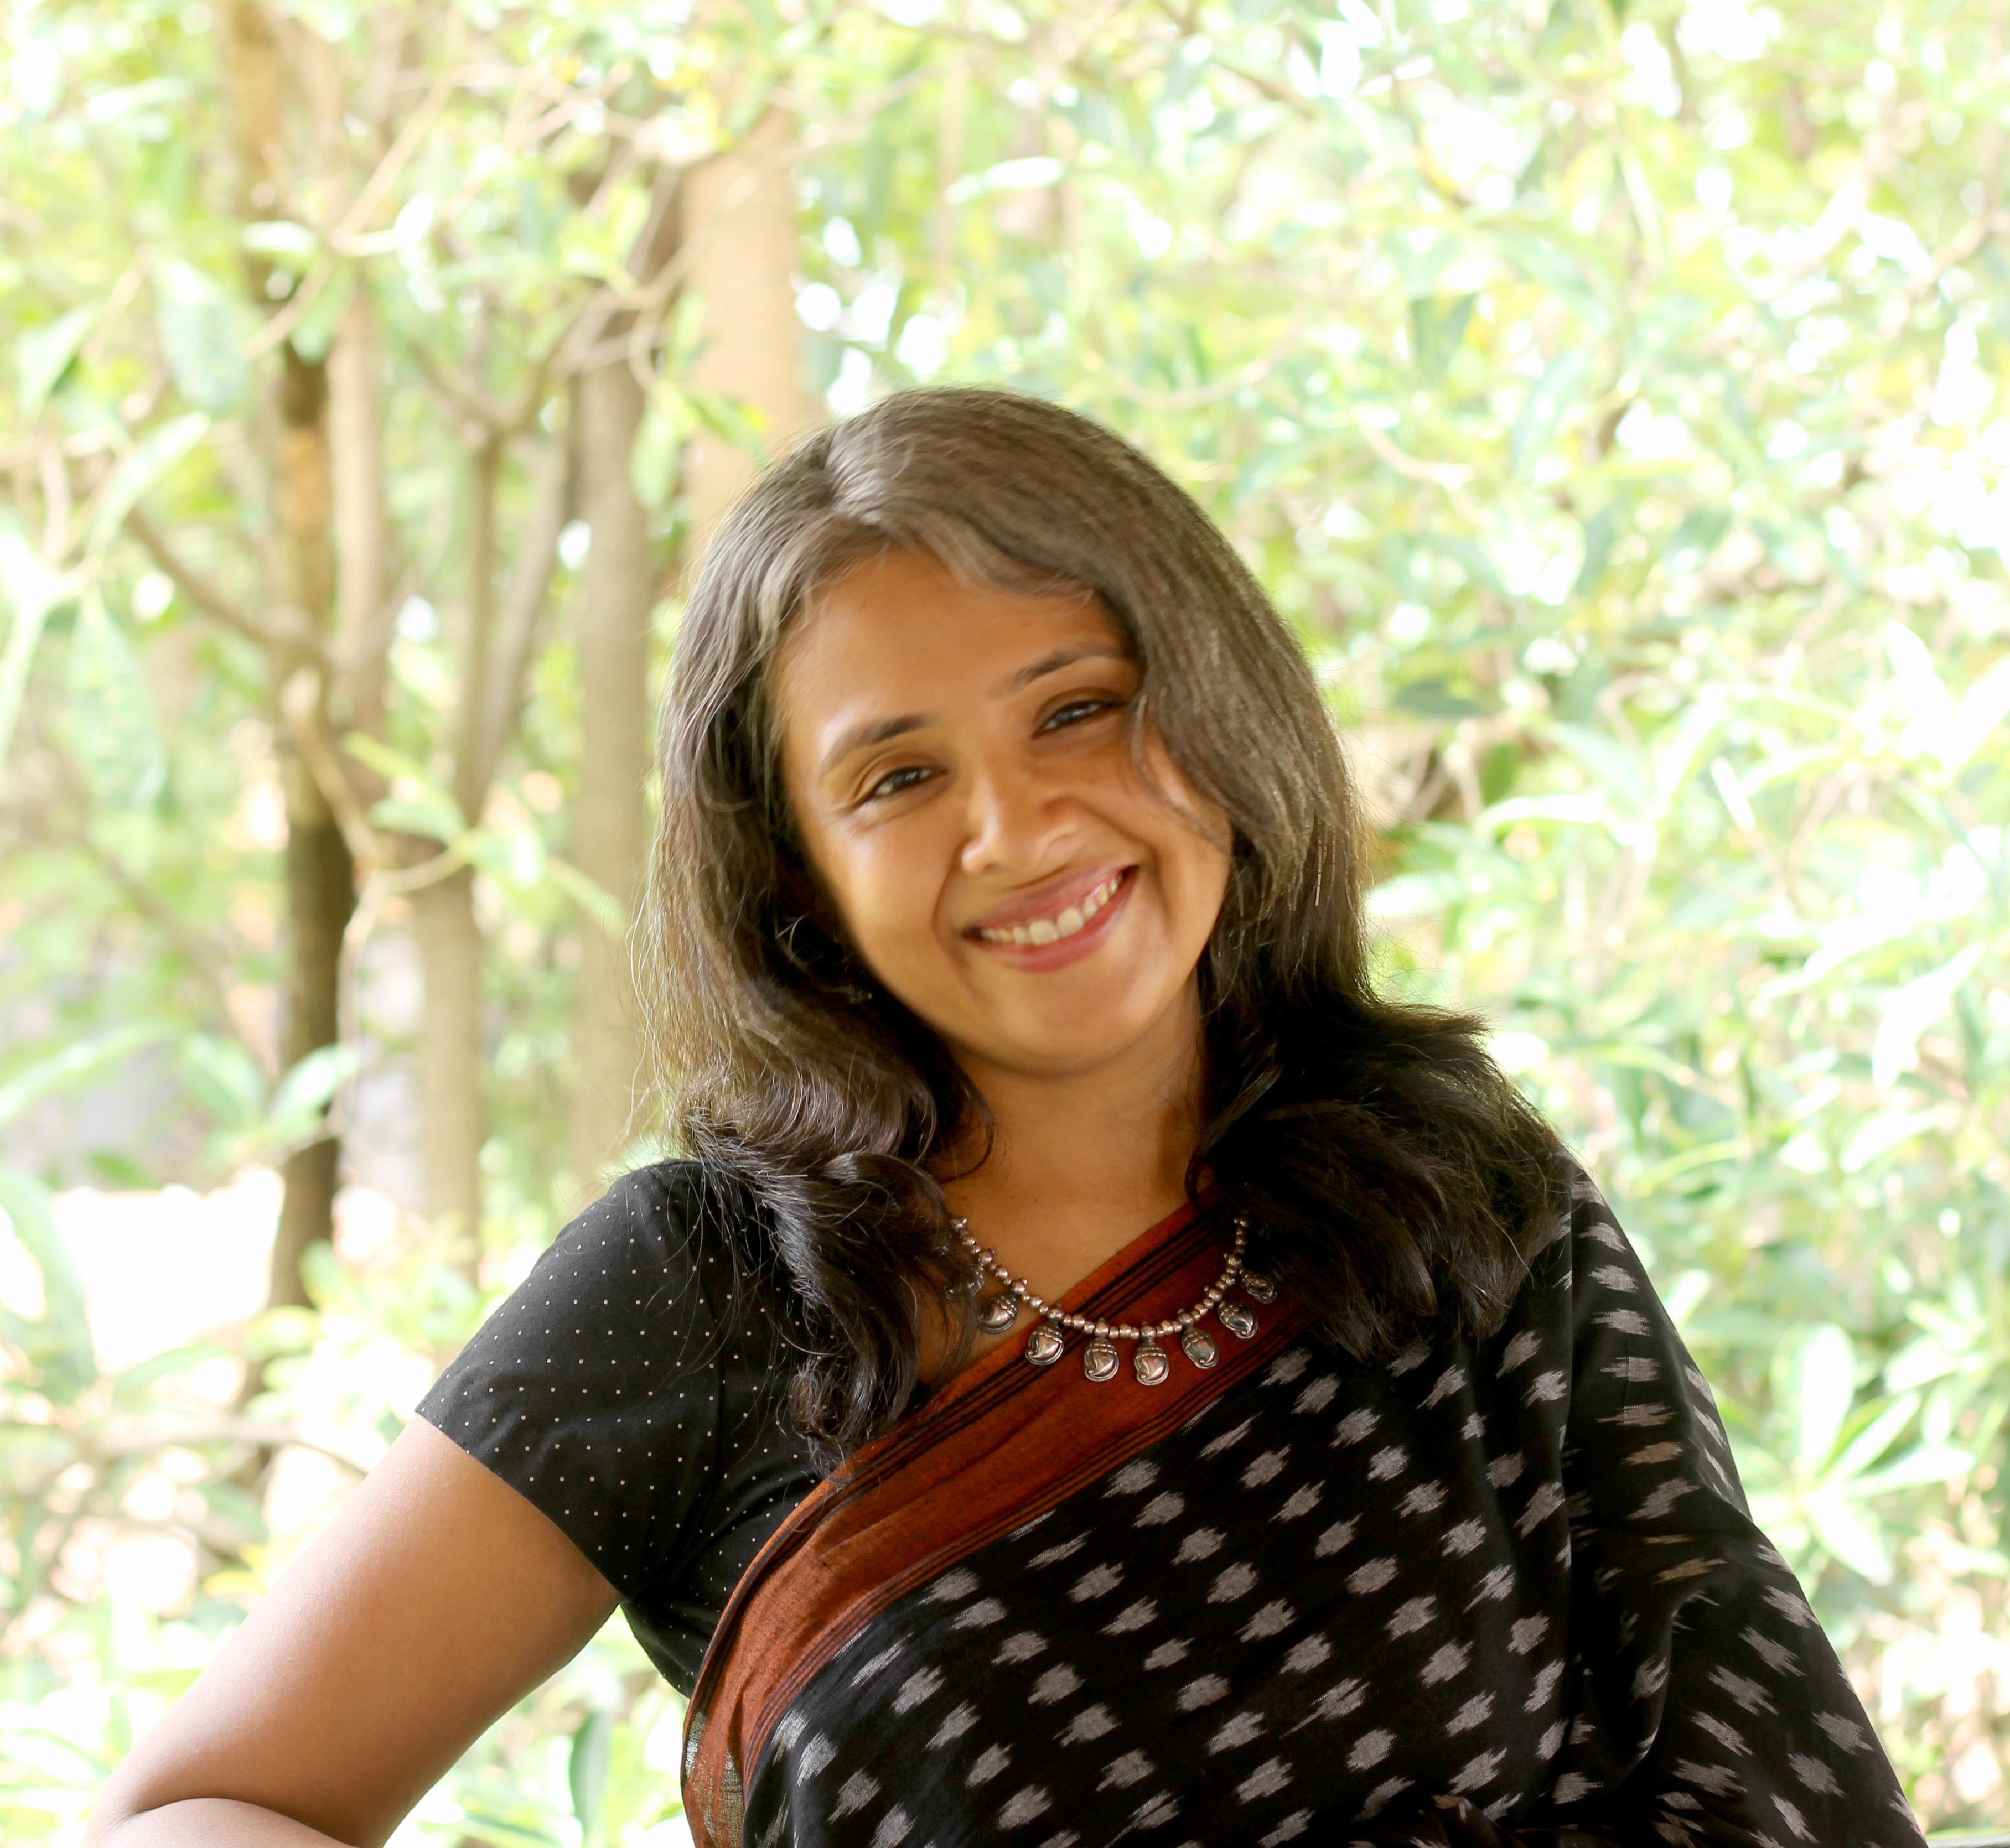 Gayathri Prabhu|Photo credit: Srividya Devdas